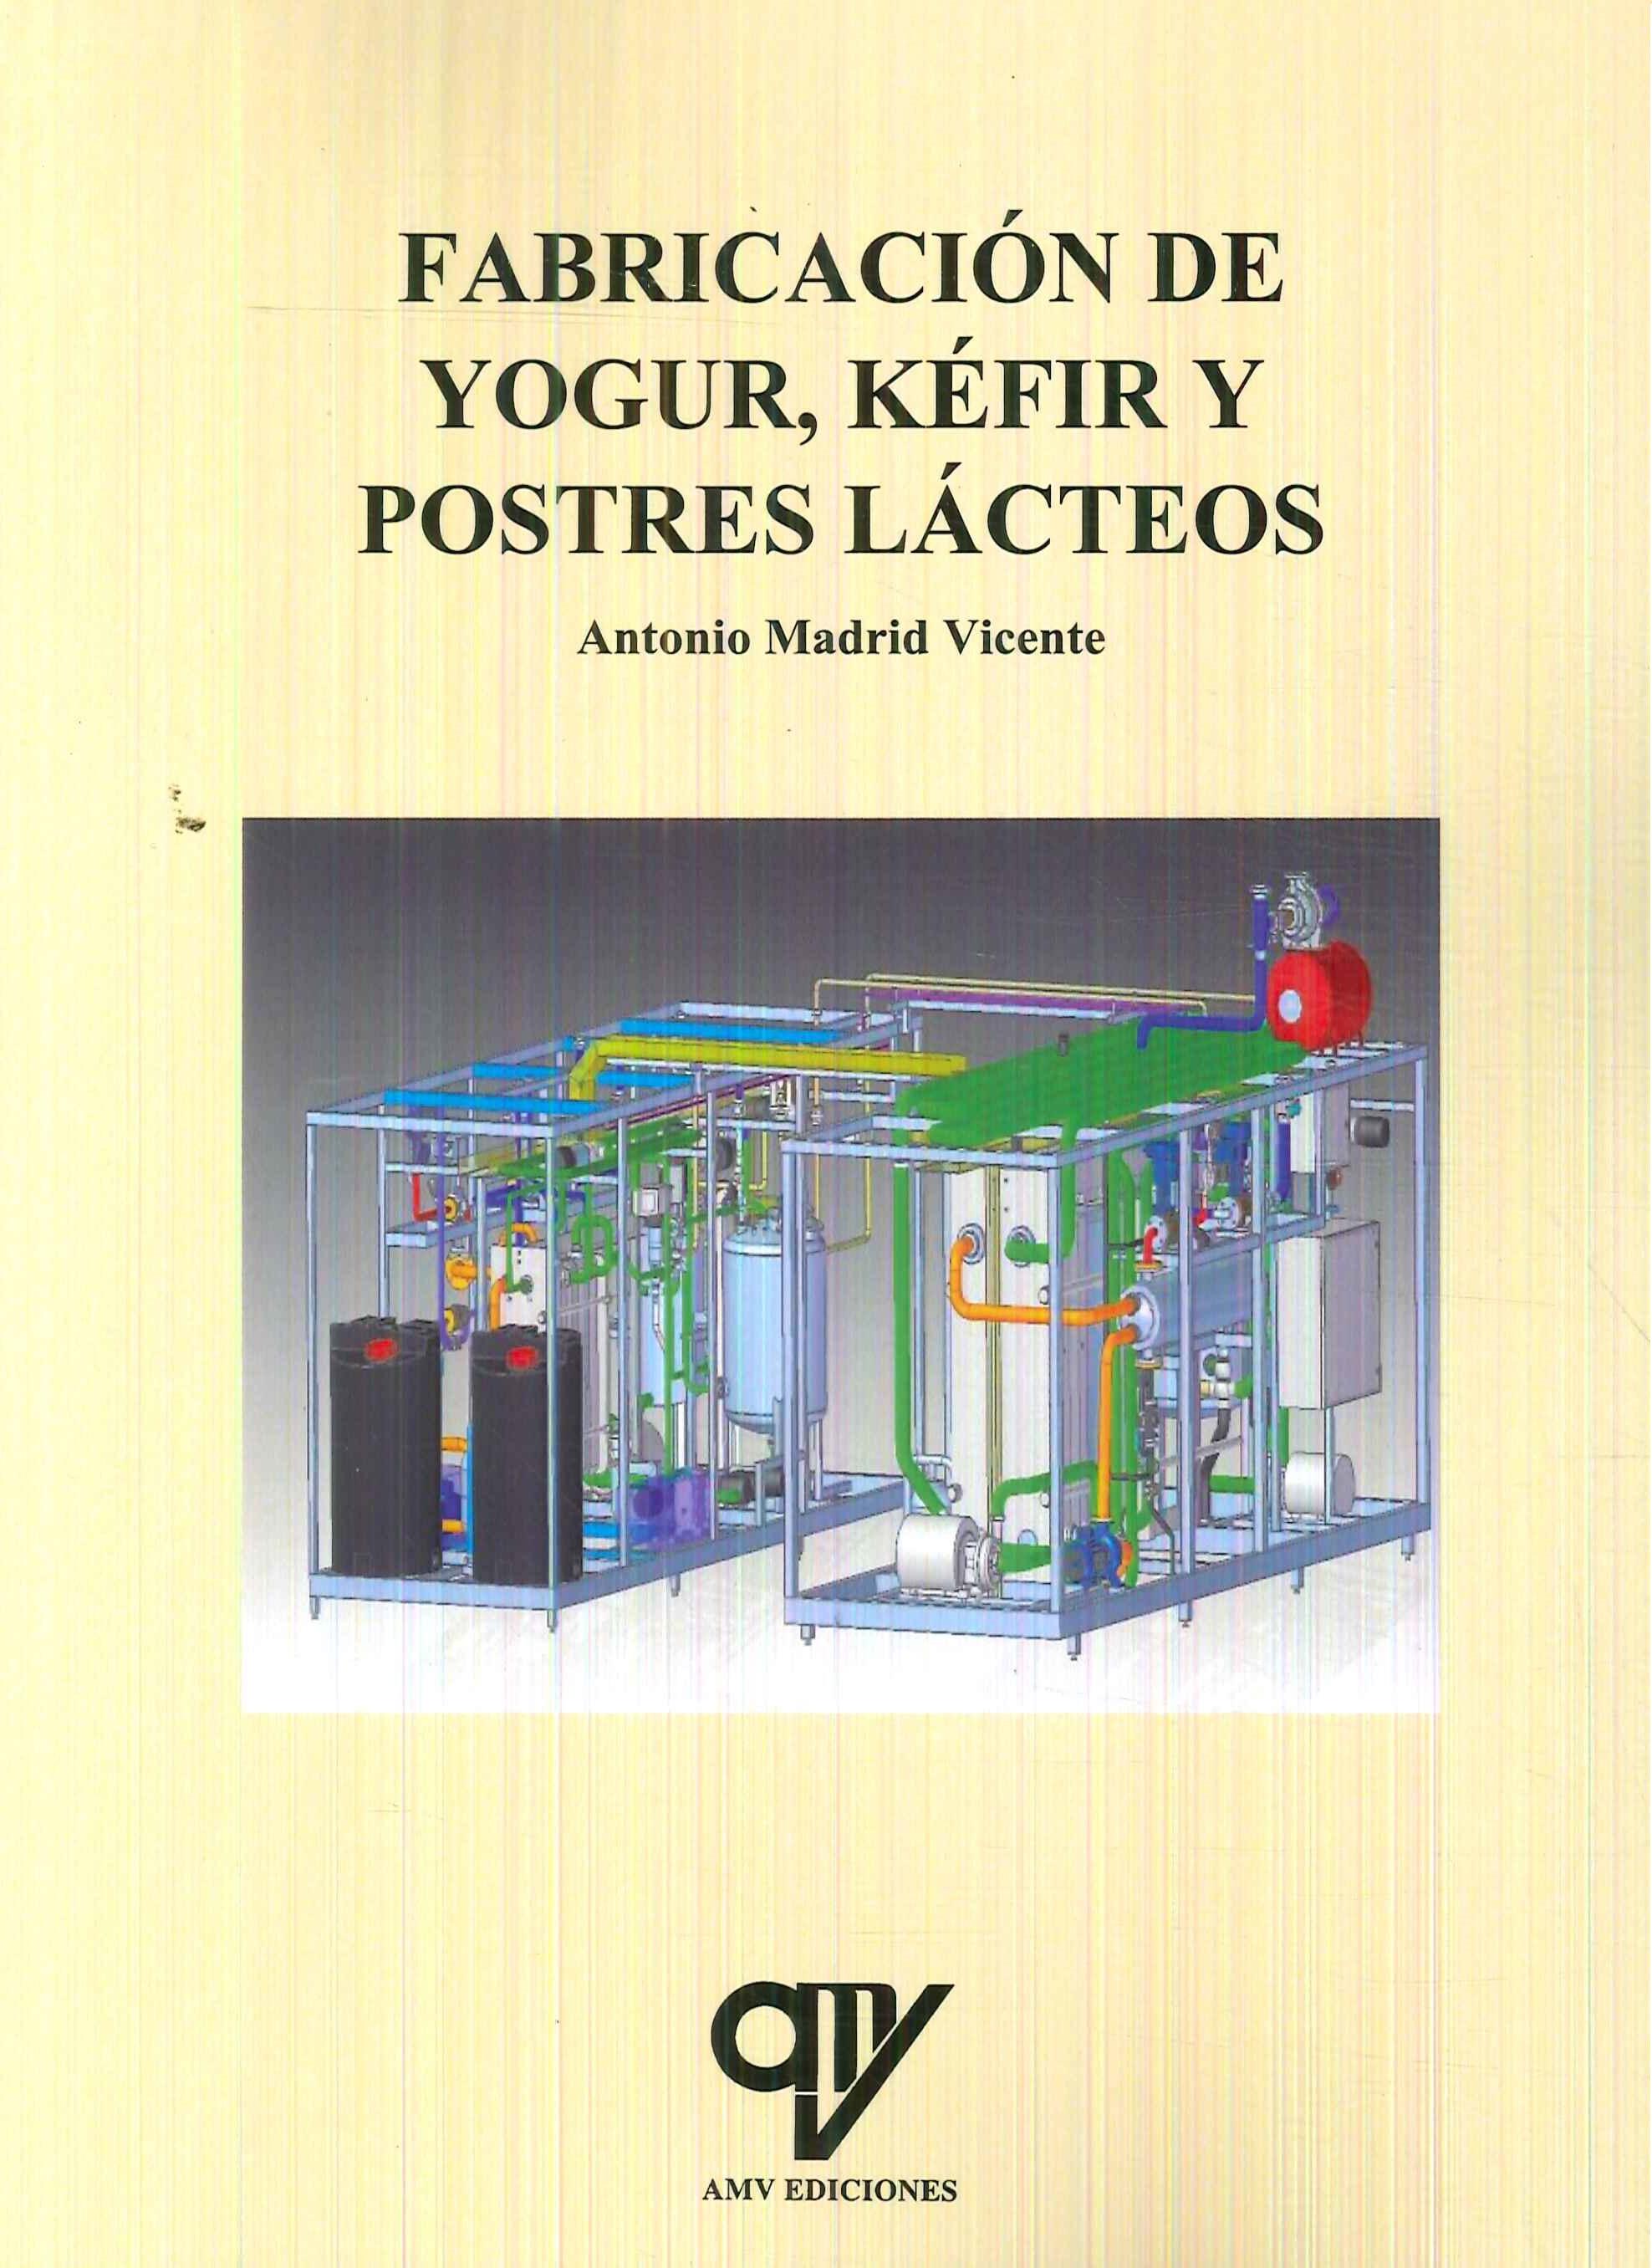 Fabricacion de Yogurt, Kefir y Postres Lacteos